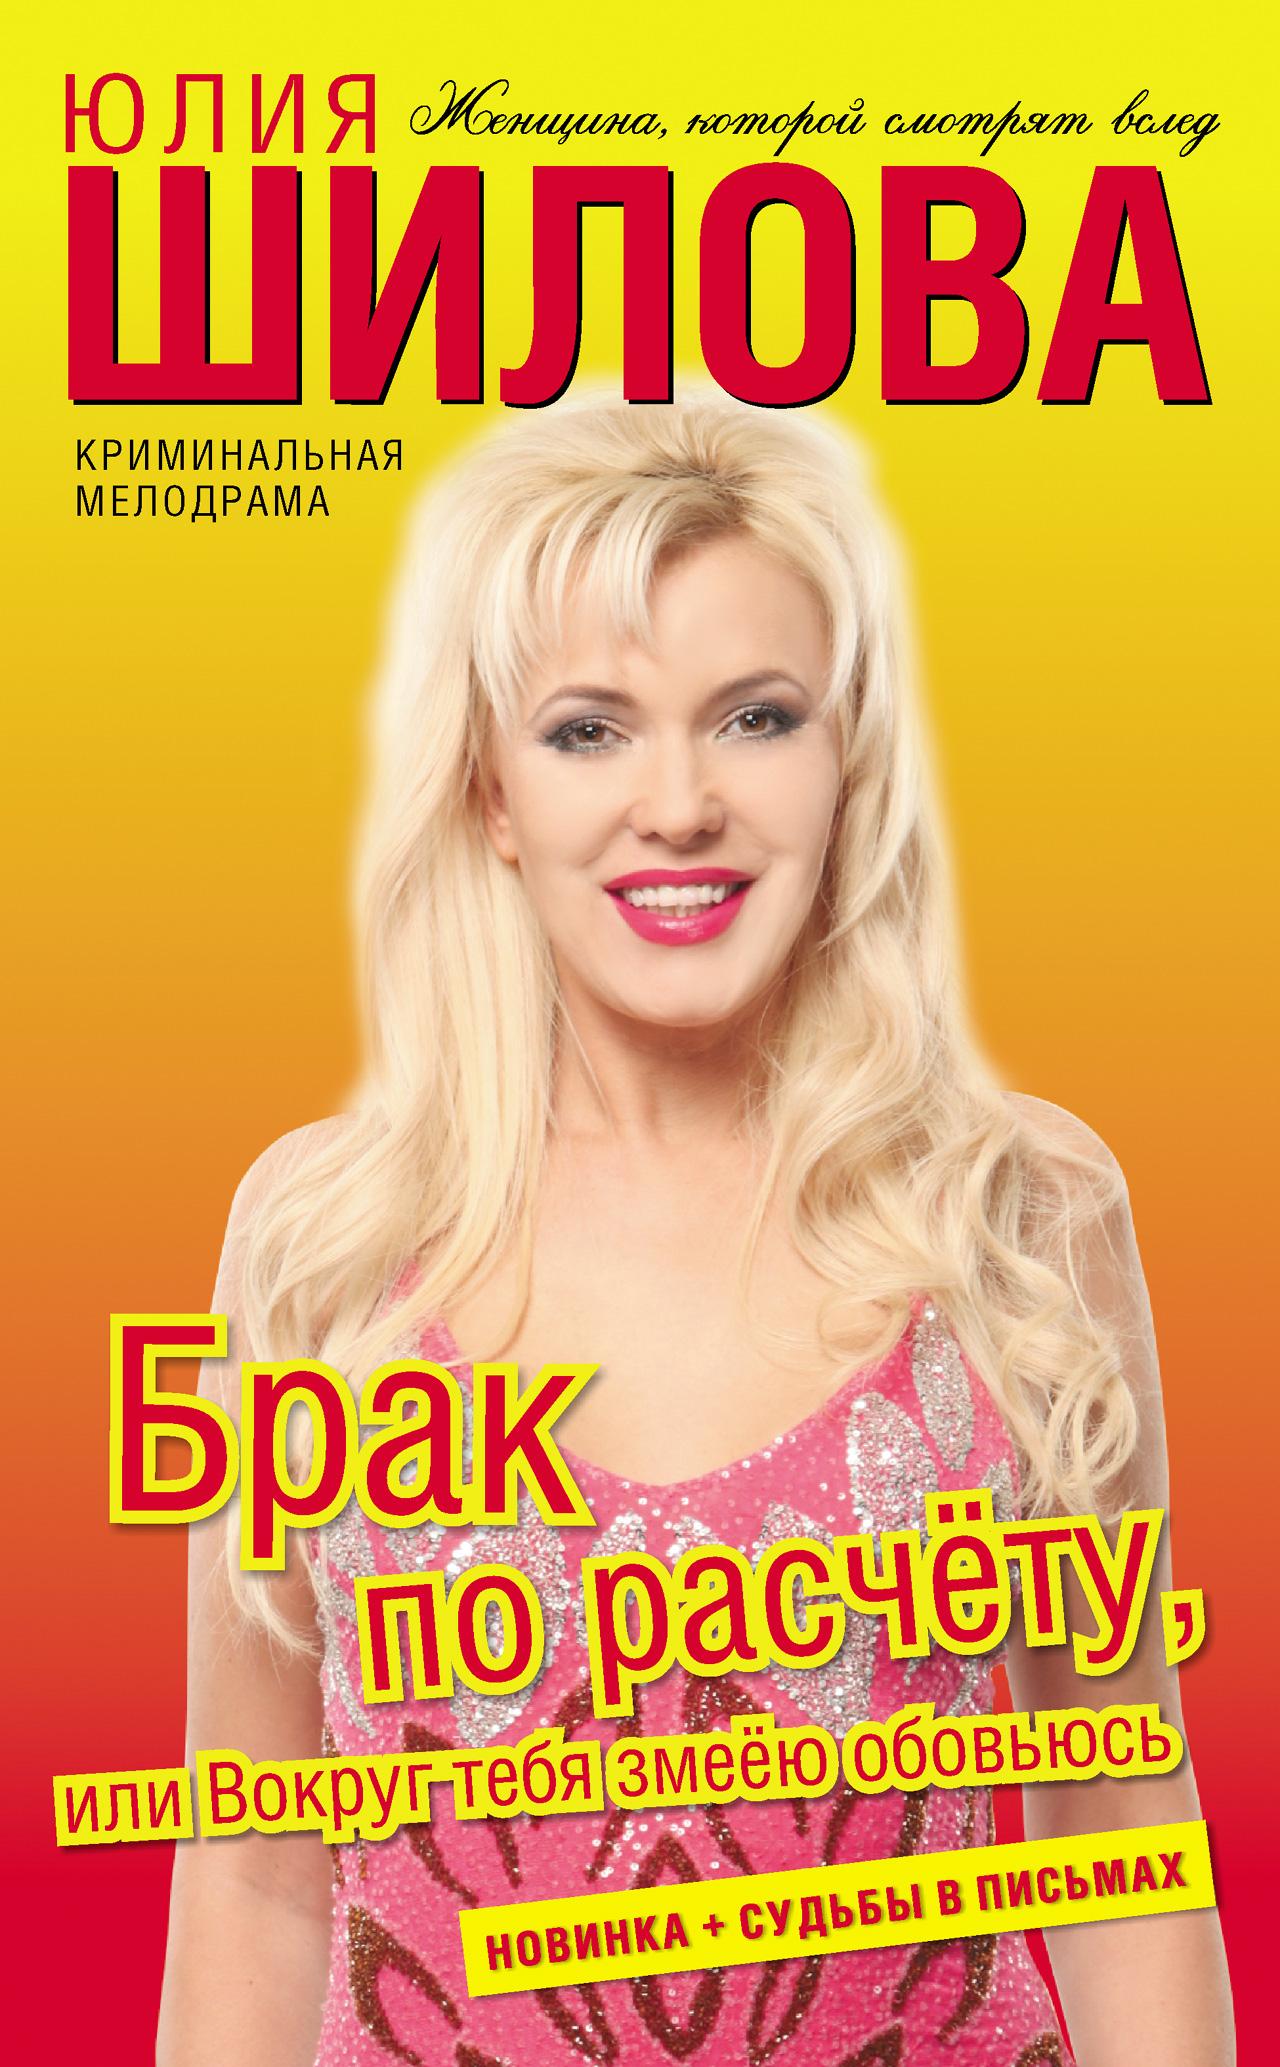 Юлия Шилова Брак по расчёту, или Вокруг тебя змеёю обовьюсь шилова ю брак по расчету или вокруг тебя змеею обовьюсь